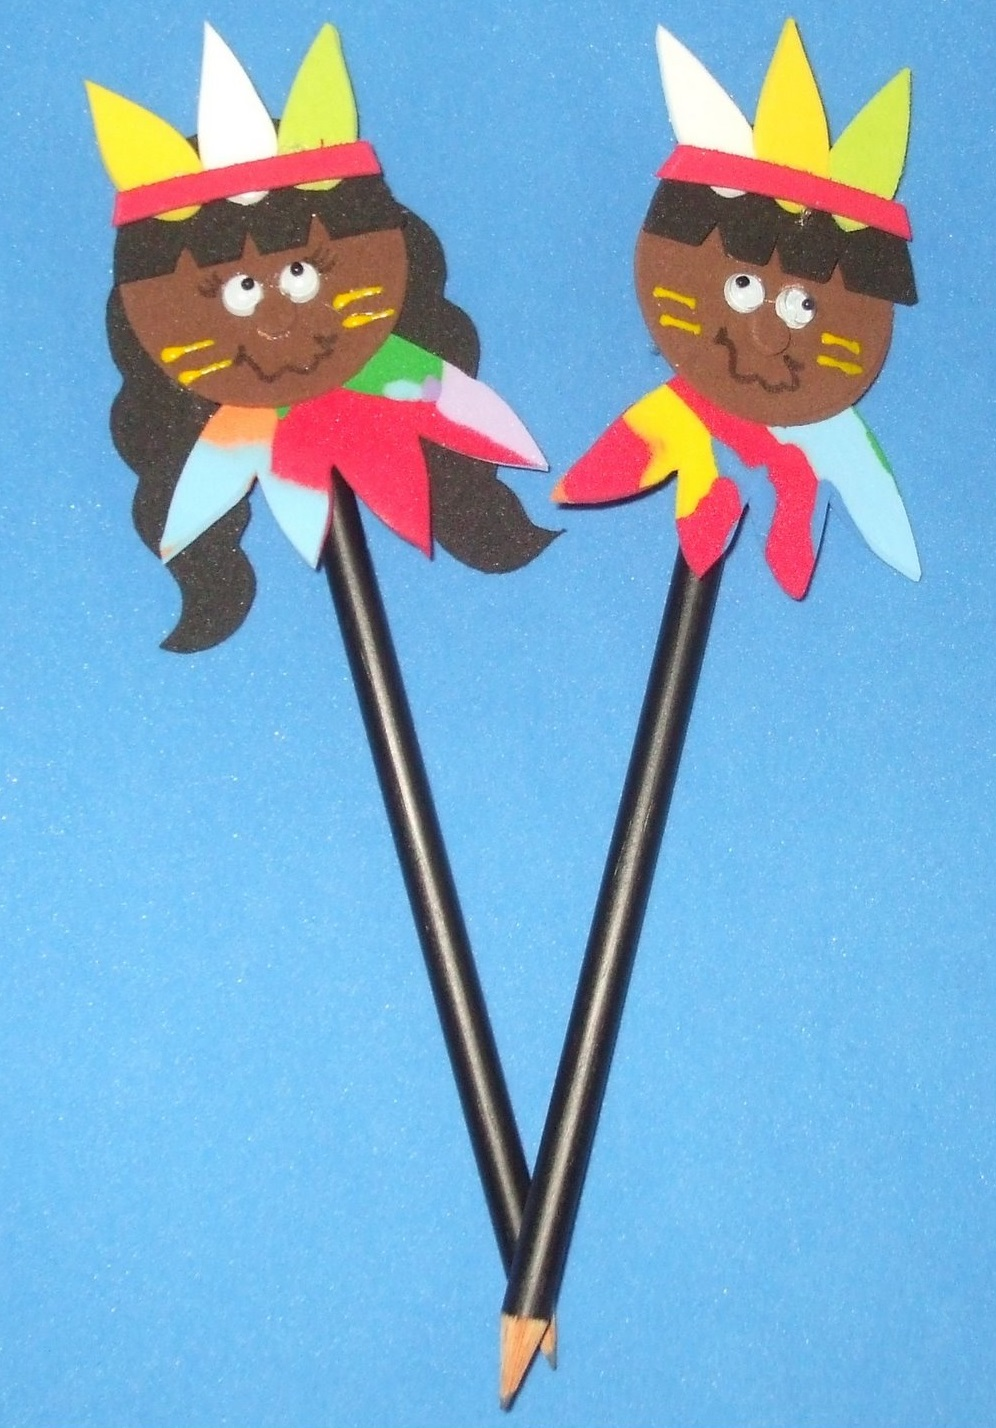 Lembrancinhas Dia do Índio com moldes - Ponteira de Lápis